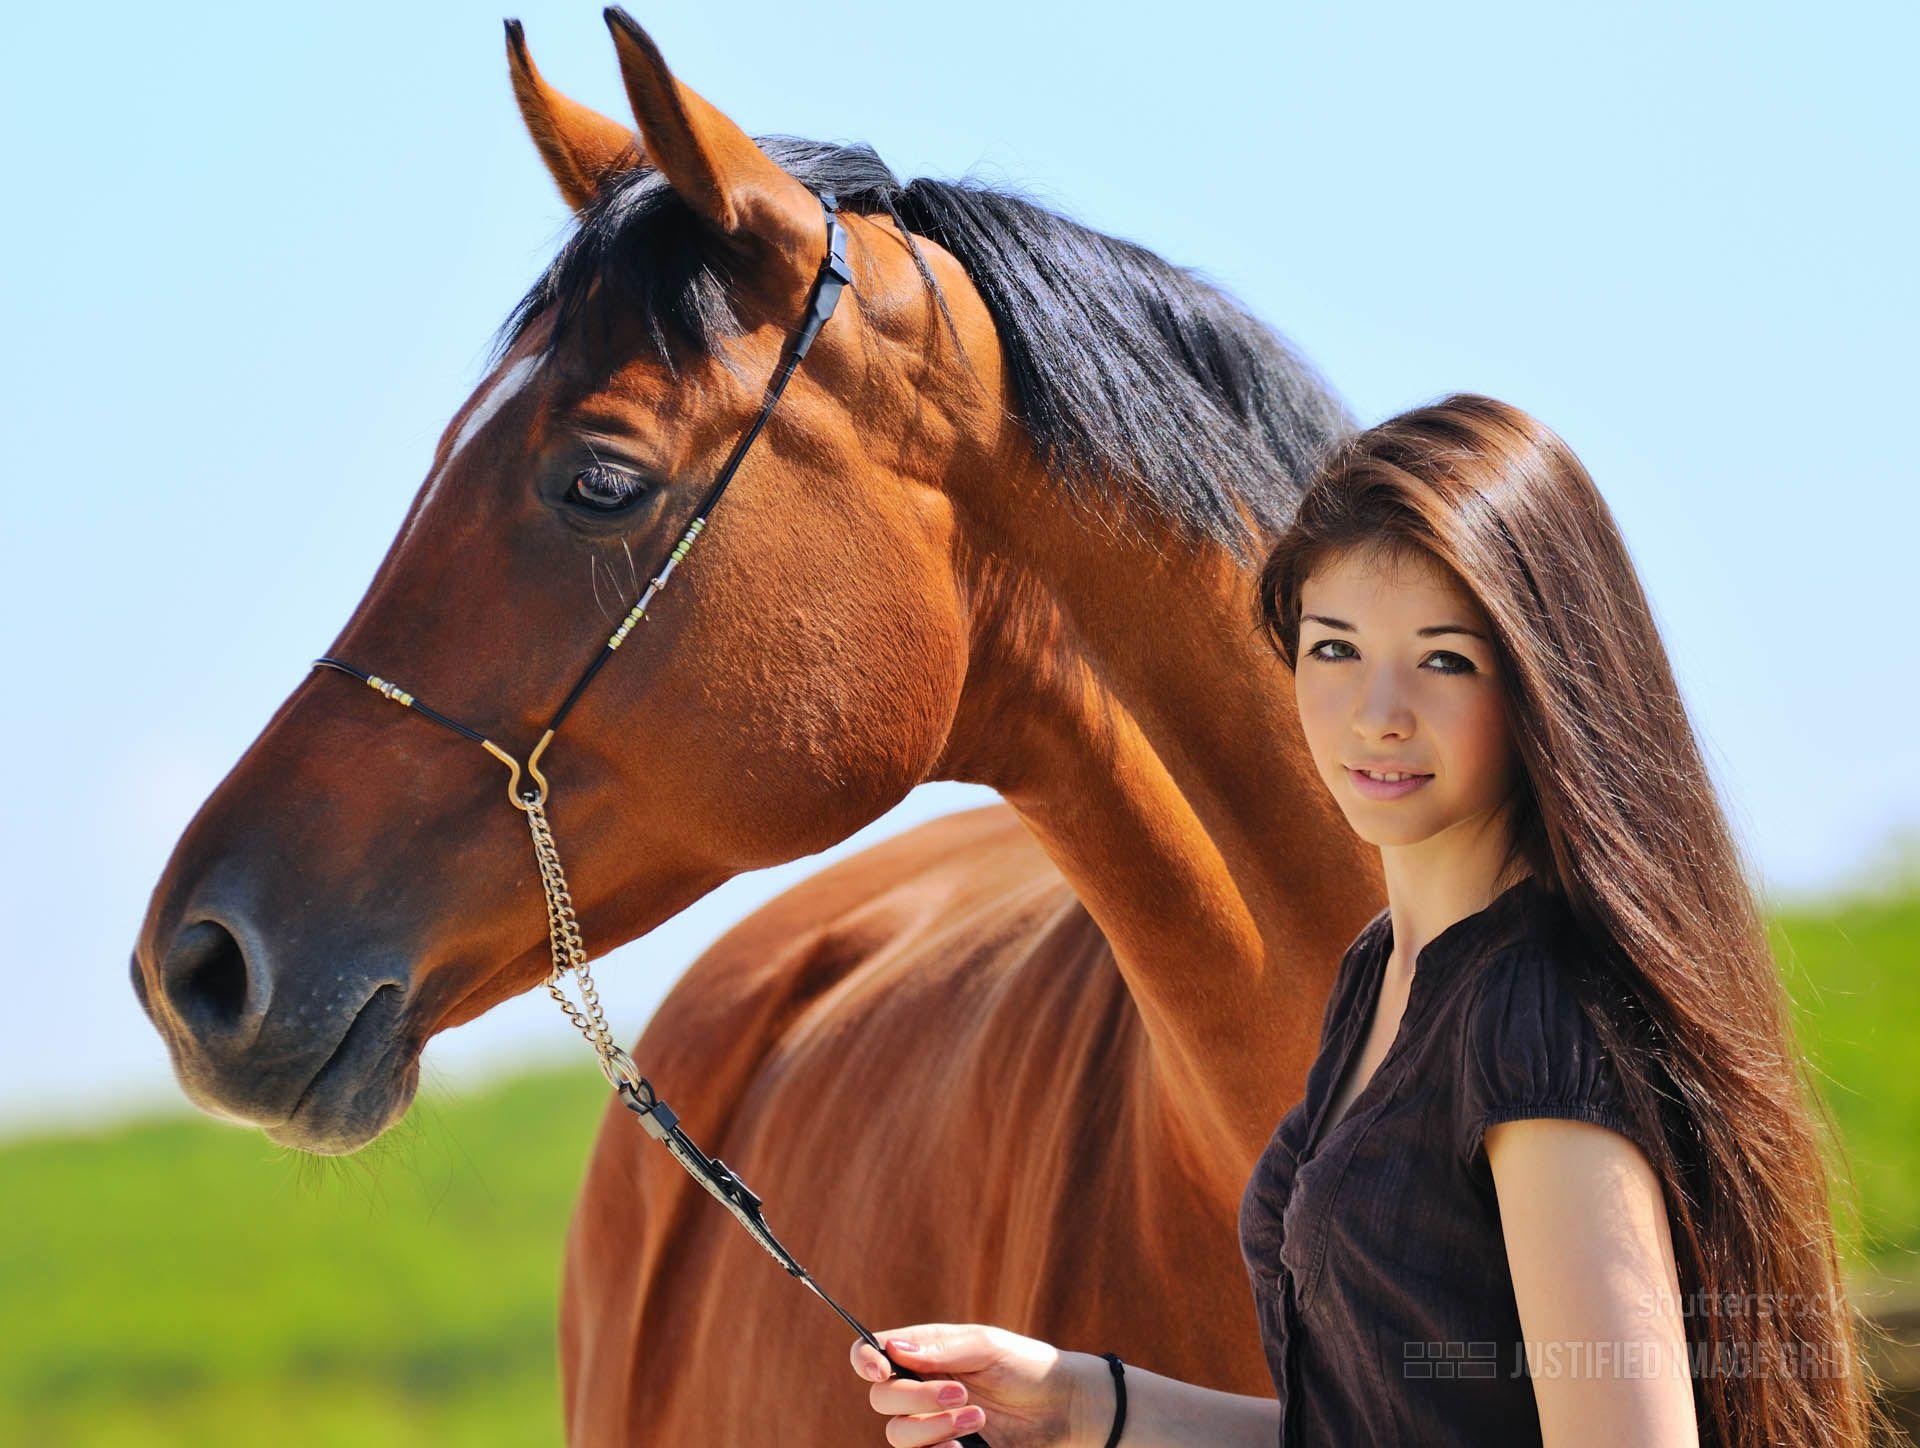 Horsey dating online